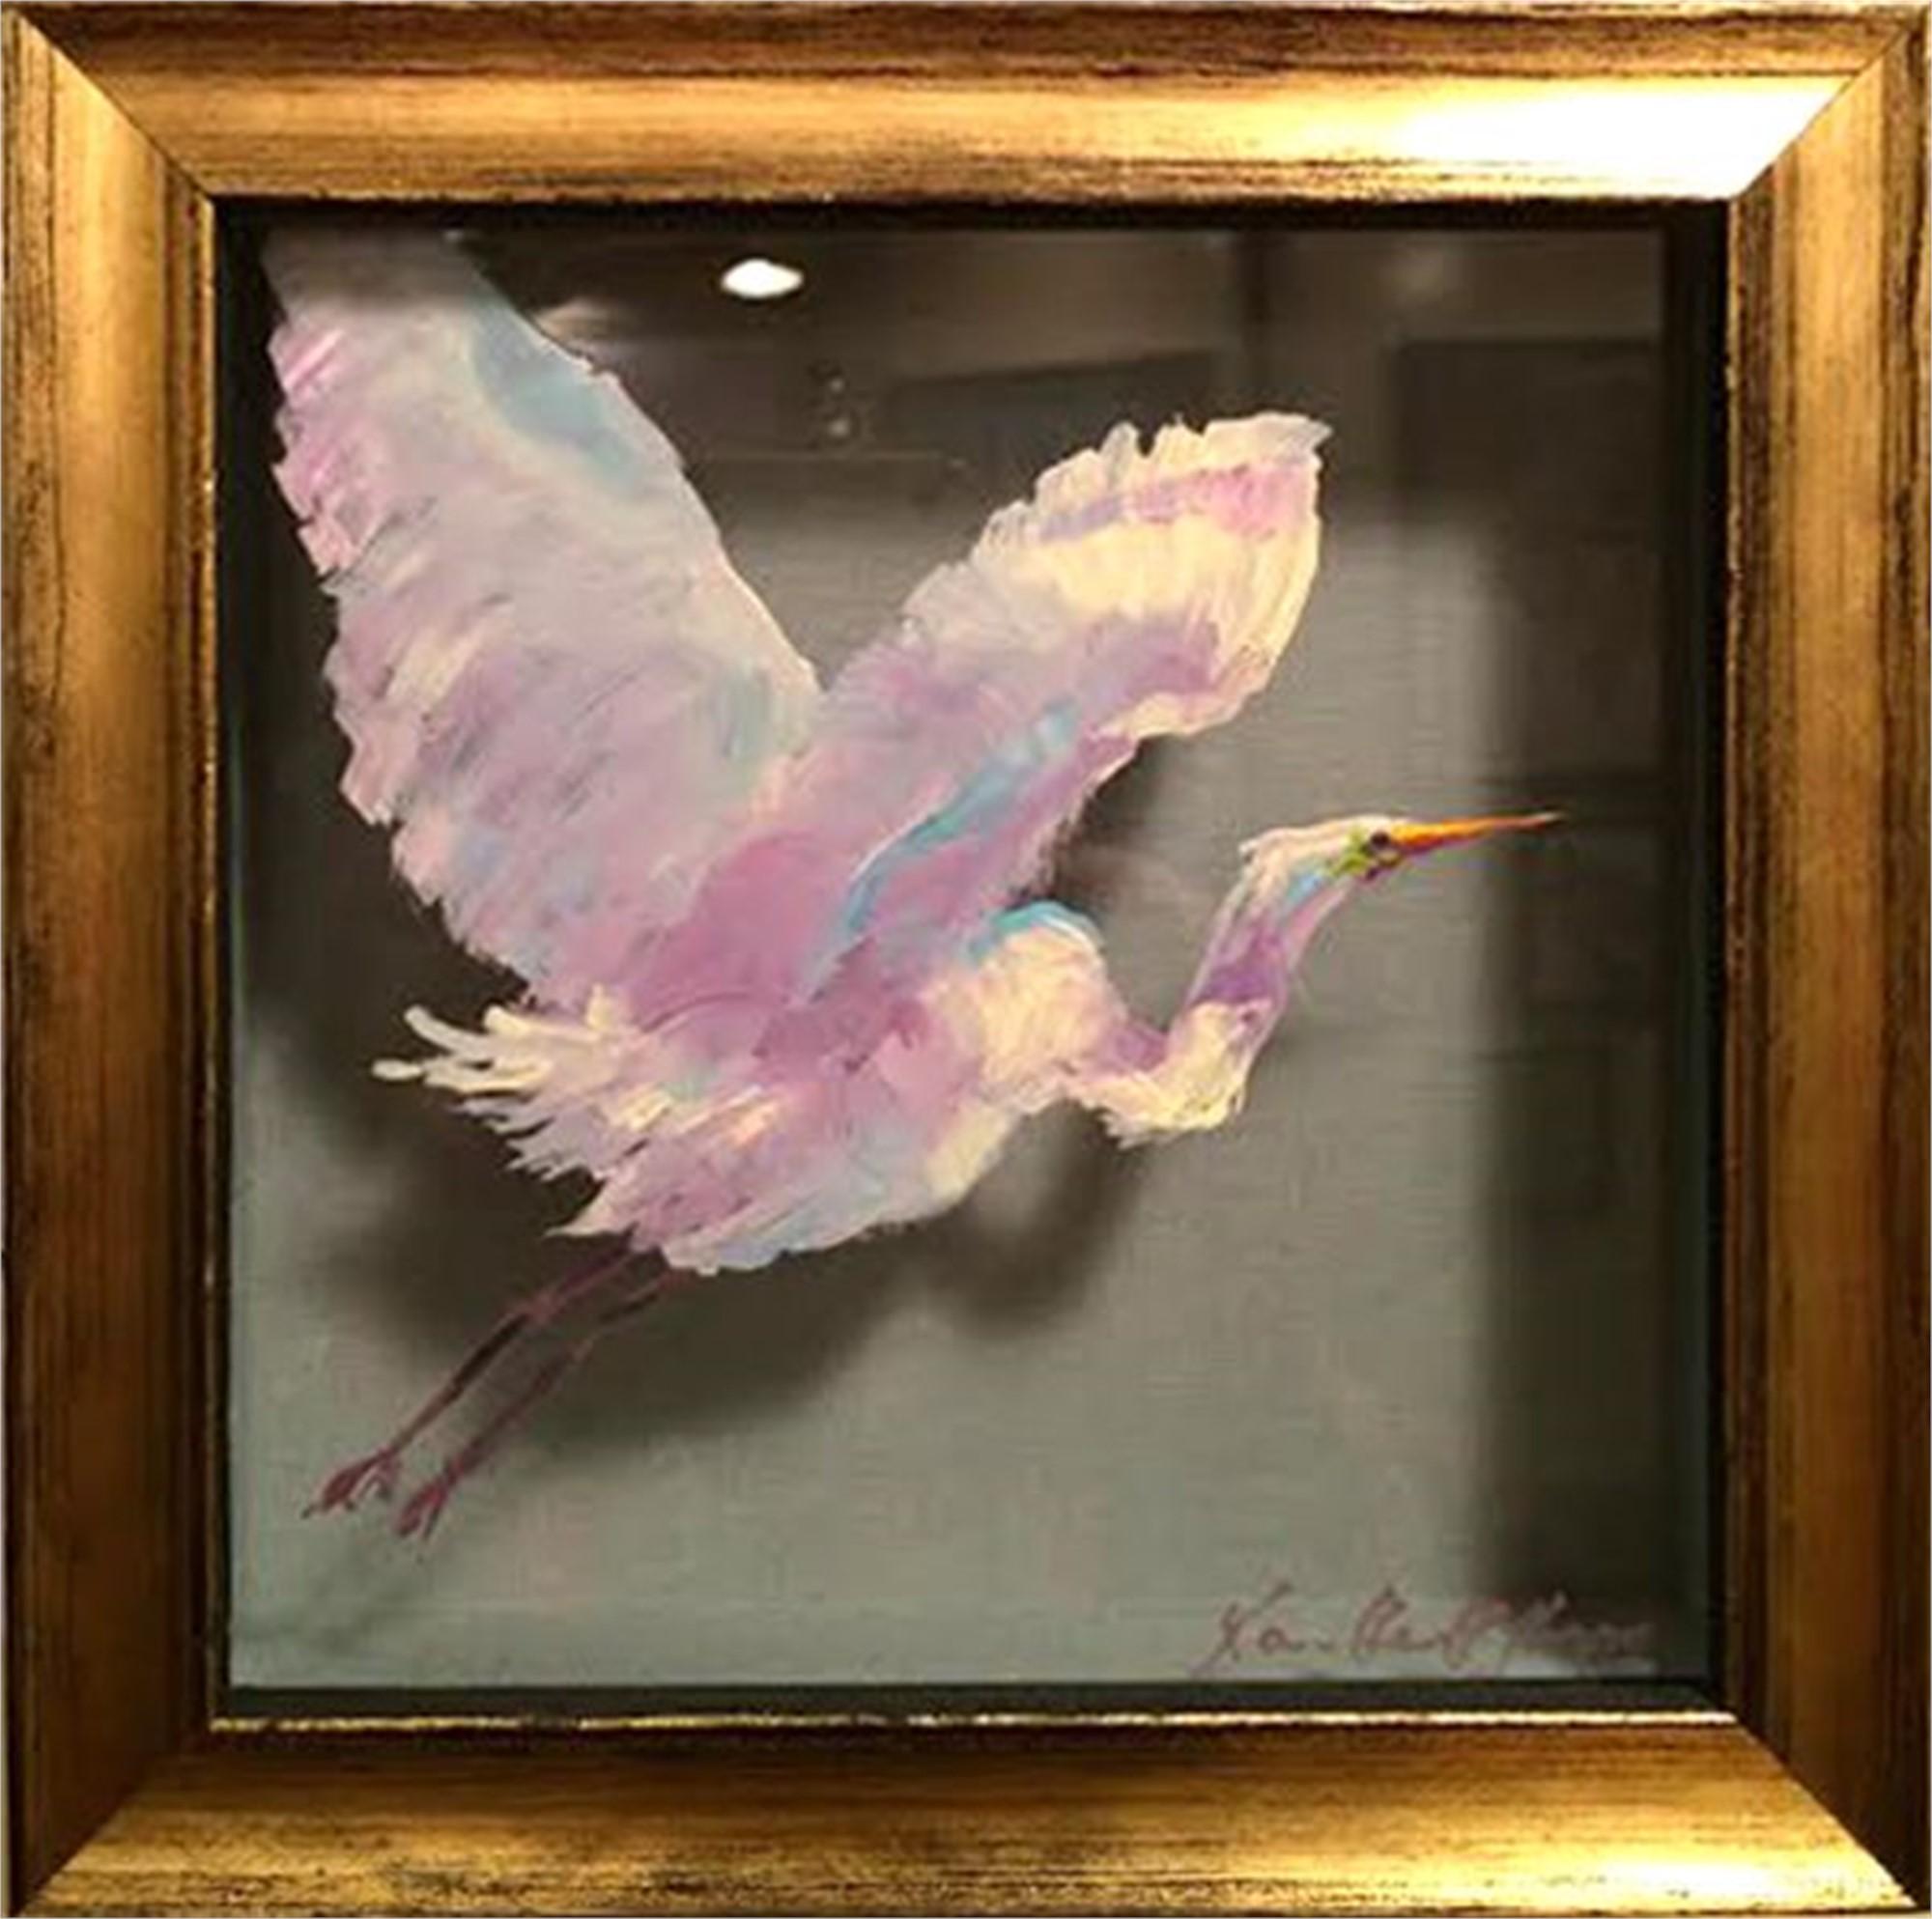 Fly to Me by Karen Hewitt Hagan